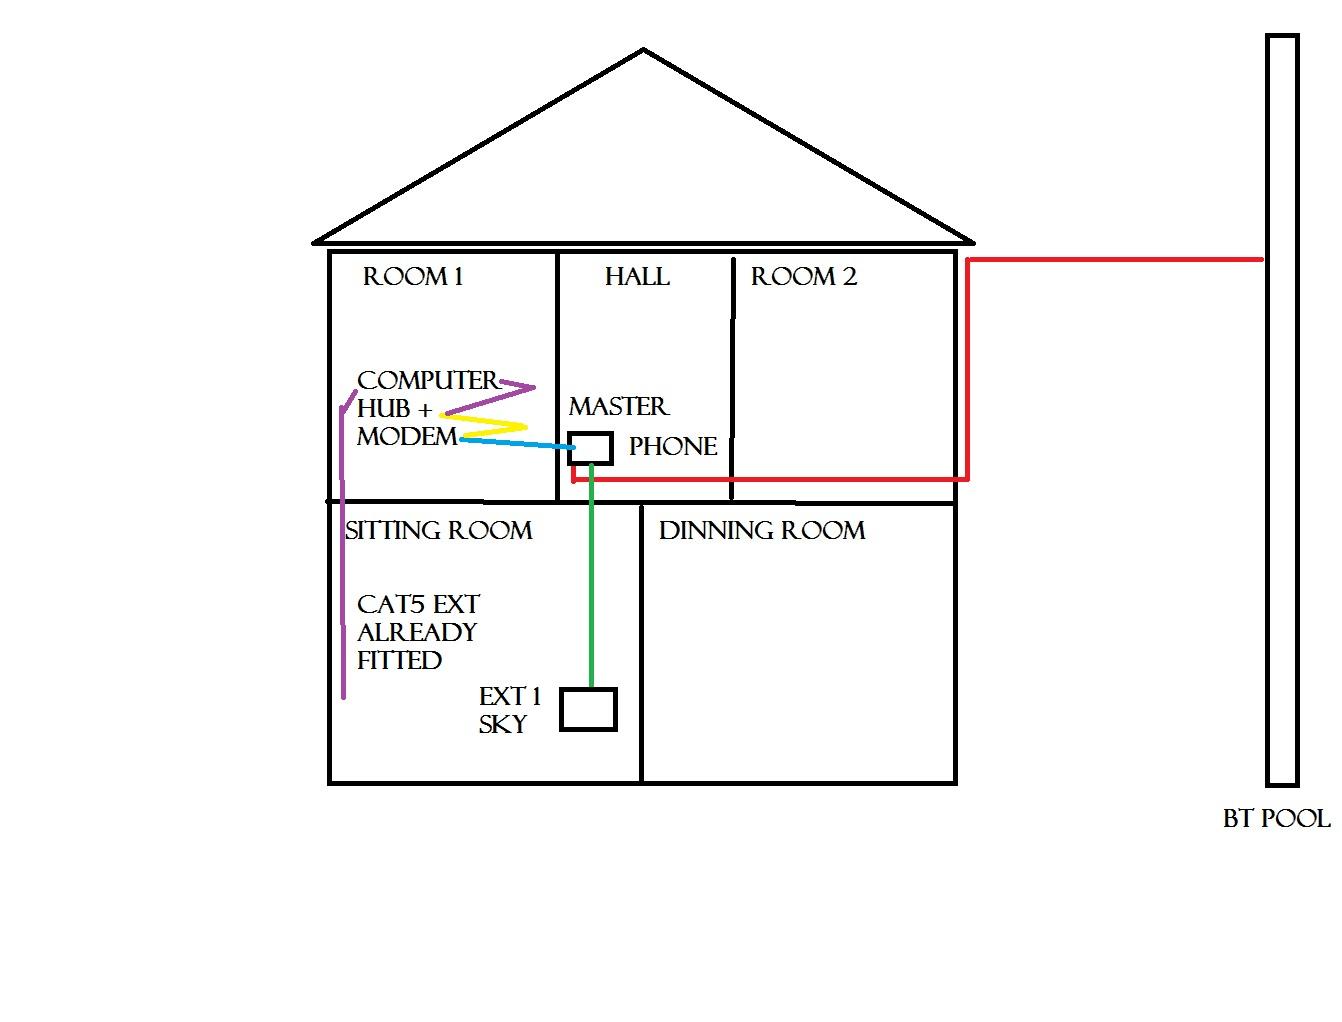 telephone rj11 splitter wiring diagram